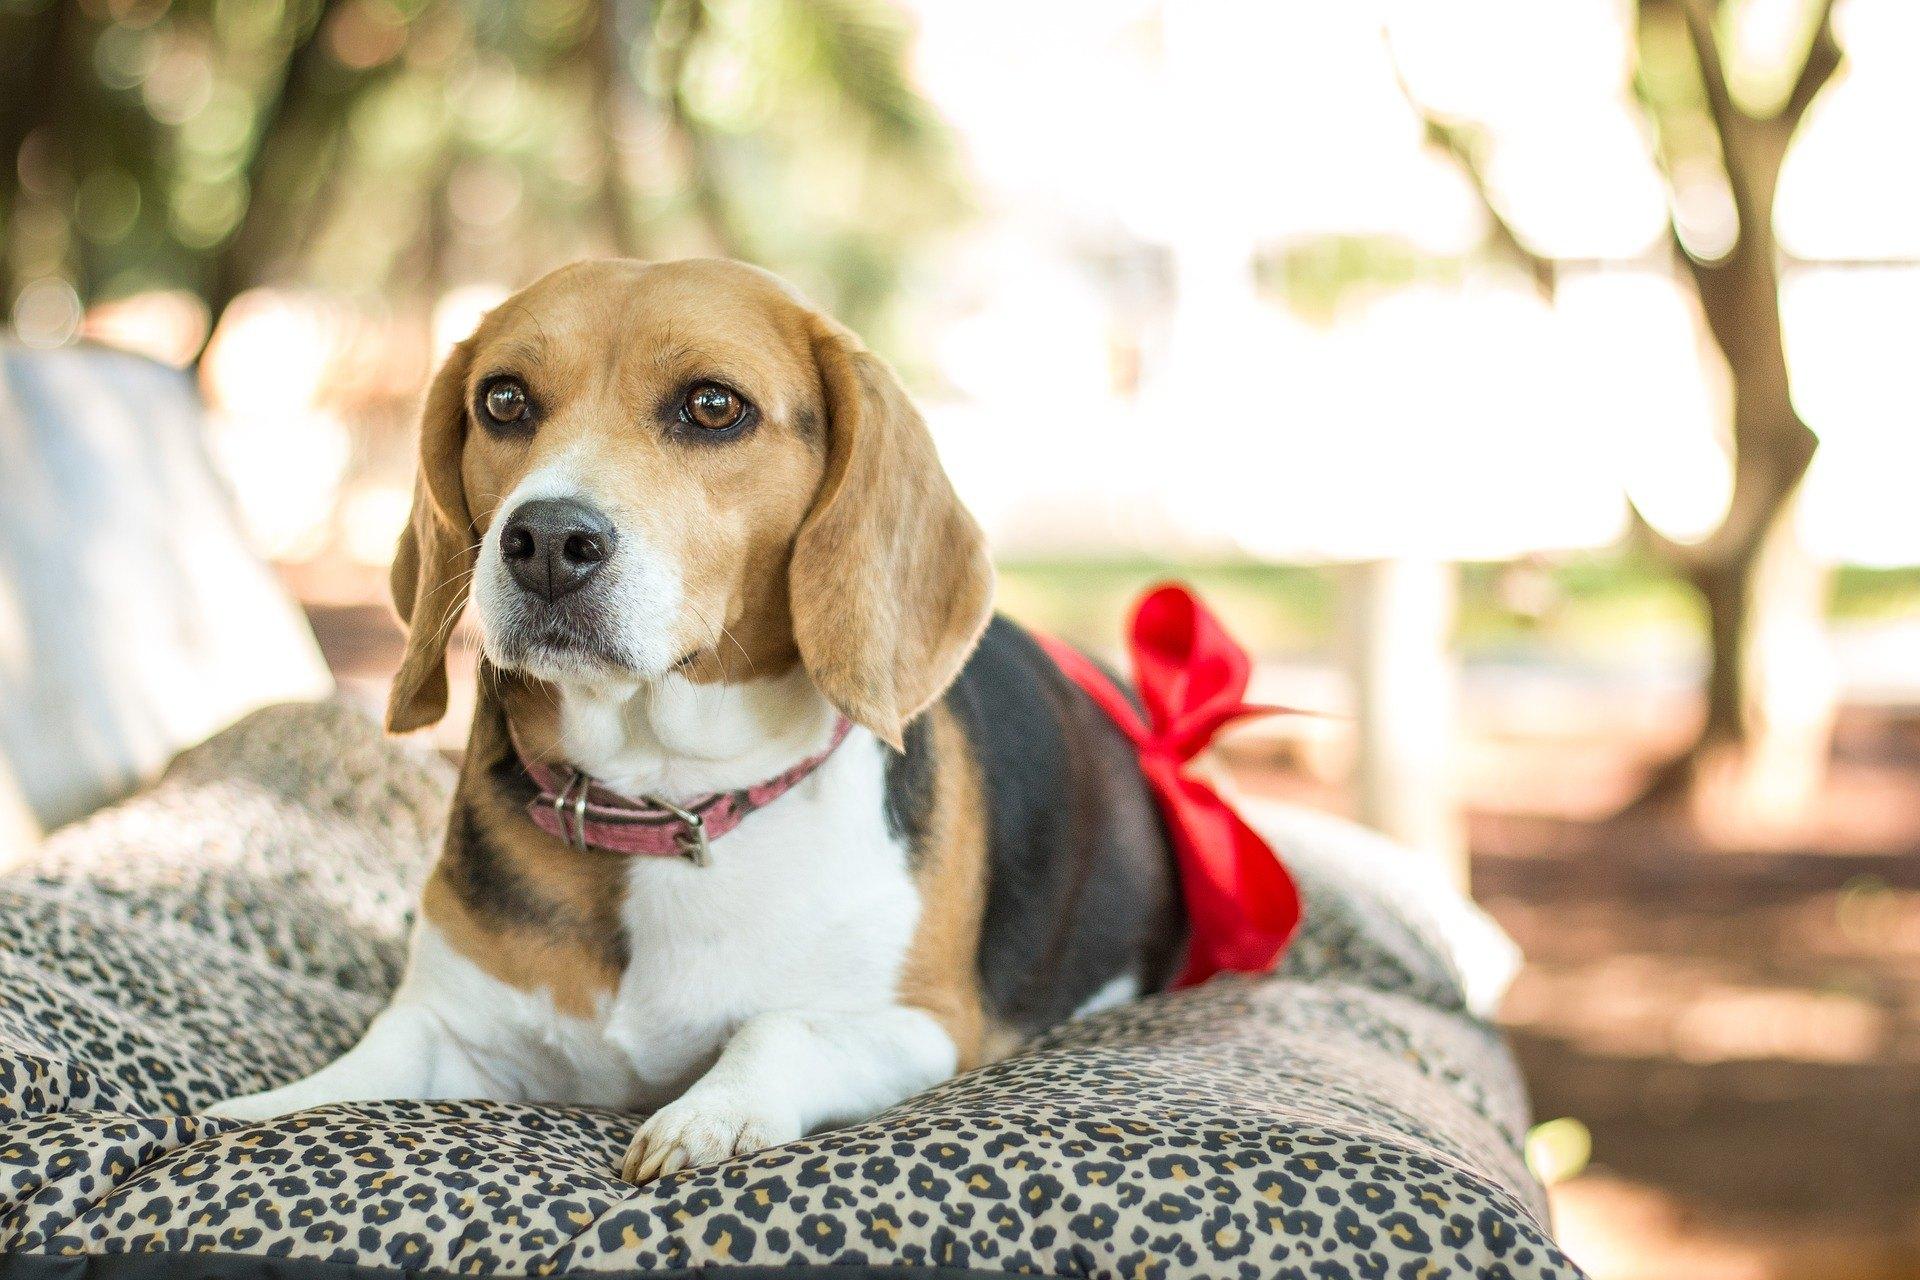 Die Sterilisation eines Hundes ist eine Methode zur Verringerung der unkontrollierten Fortpflanzung. Manchmal muss es aus gesundheitlichen Gründen durchgeführt werden.